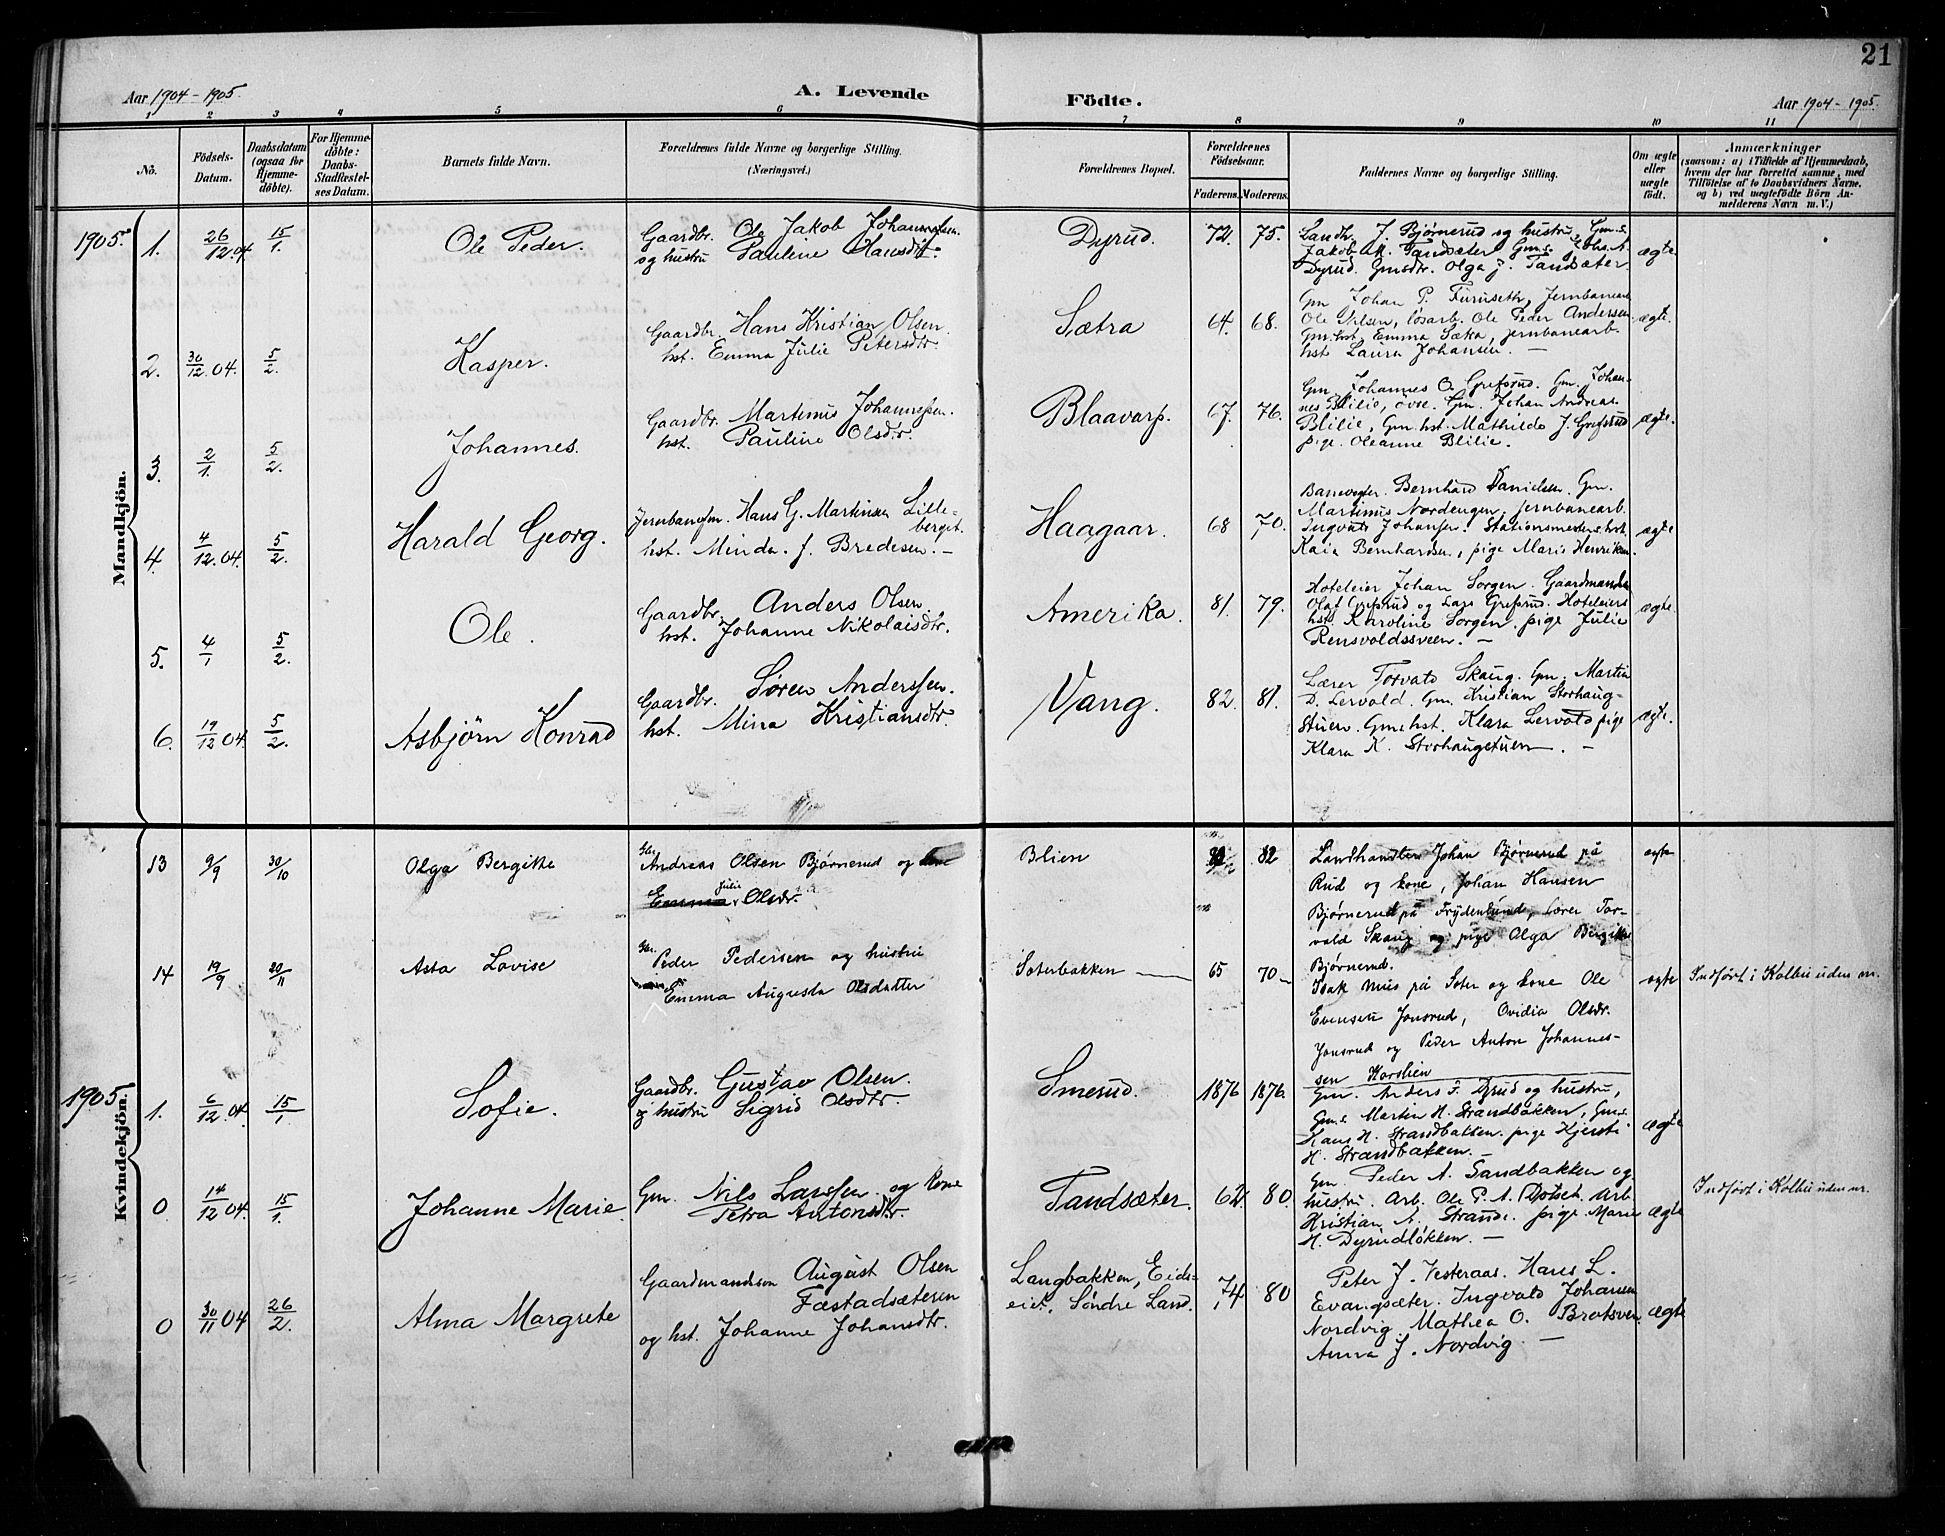 SAH, Vestre Toten prestekontor, H/Ha/Hab/L0016: Klokkerbok nr. 16, 1901-1915, s. 21